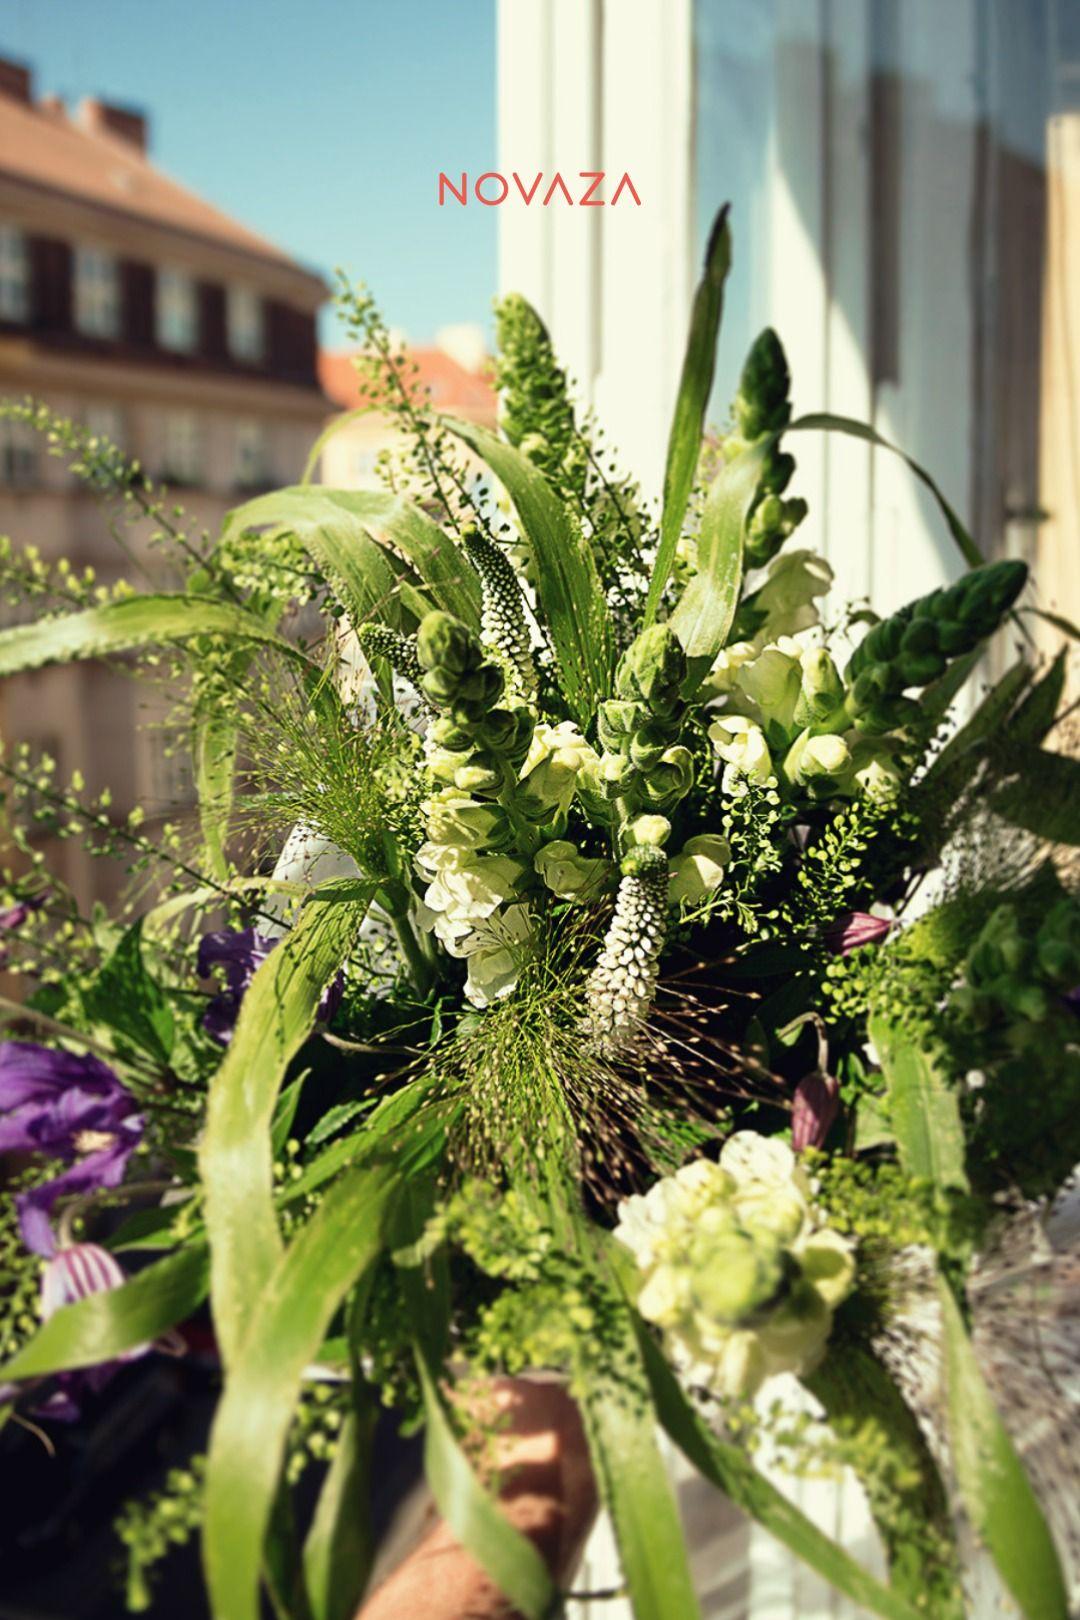 Pusťte si jaro pod roušky. Jak na to? Váza #Novaza🏺 s čerstvou květinou od Papavera - květinářství rozzáří a provoní váš interiér. První květinu💐 máte od nás zdarma! #novaza #home_accessories #home_accents #room_decor #home_floral_arrangements #gift_for_women #best_birthday_present #vase_with_flower_subscription #flower_delivery_as_gift #bezkvetinjisrdcenetluce #kvetinovepredplatne #vaza #homedecor #kvetiny #darekprozenu #tipnadarek #ceskydesign